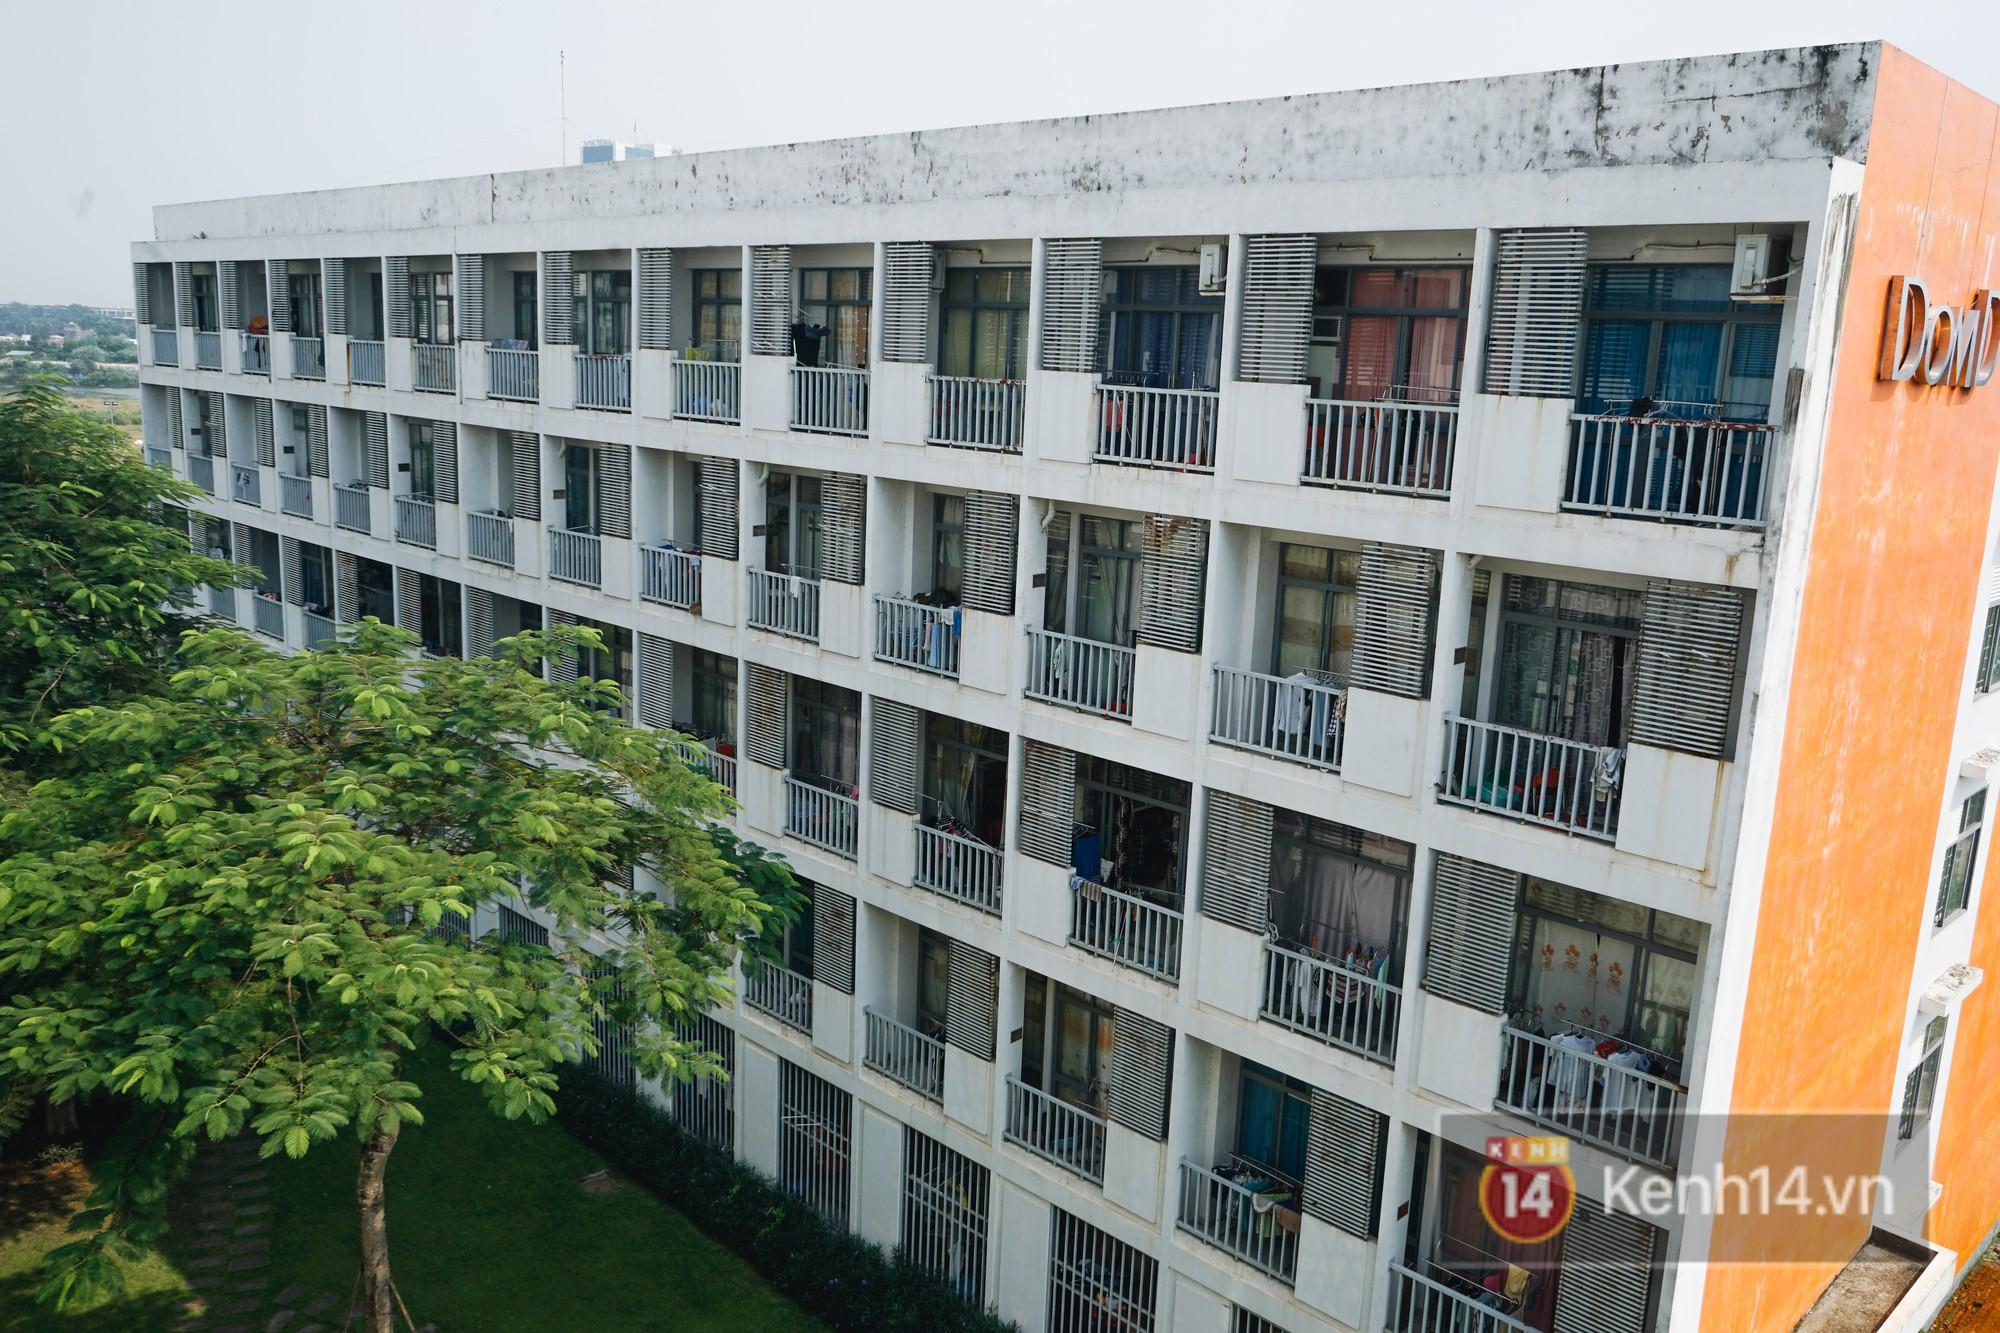 Ghé thăm ký túc xá đại học đẹp nhất nhì Việt Nam, nơi sinh viên hưởng cuộc sống chẳng khác gì ở khách sạn - Ảnh 2.